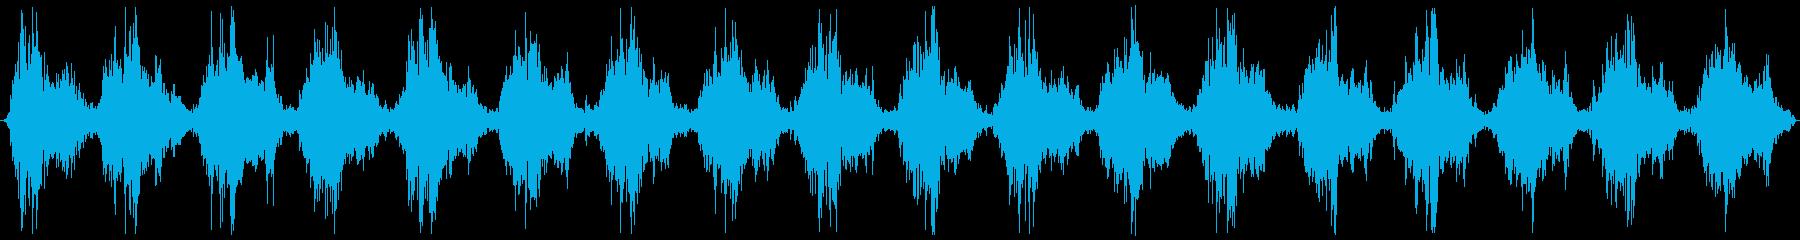 生録音の洗濯機音の再生済みの波形